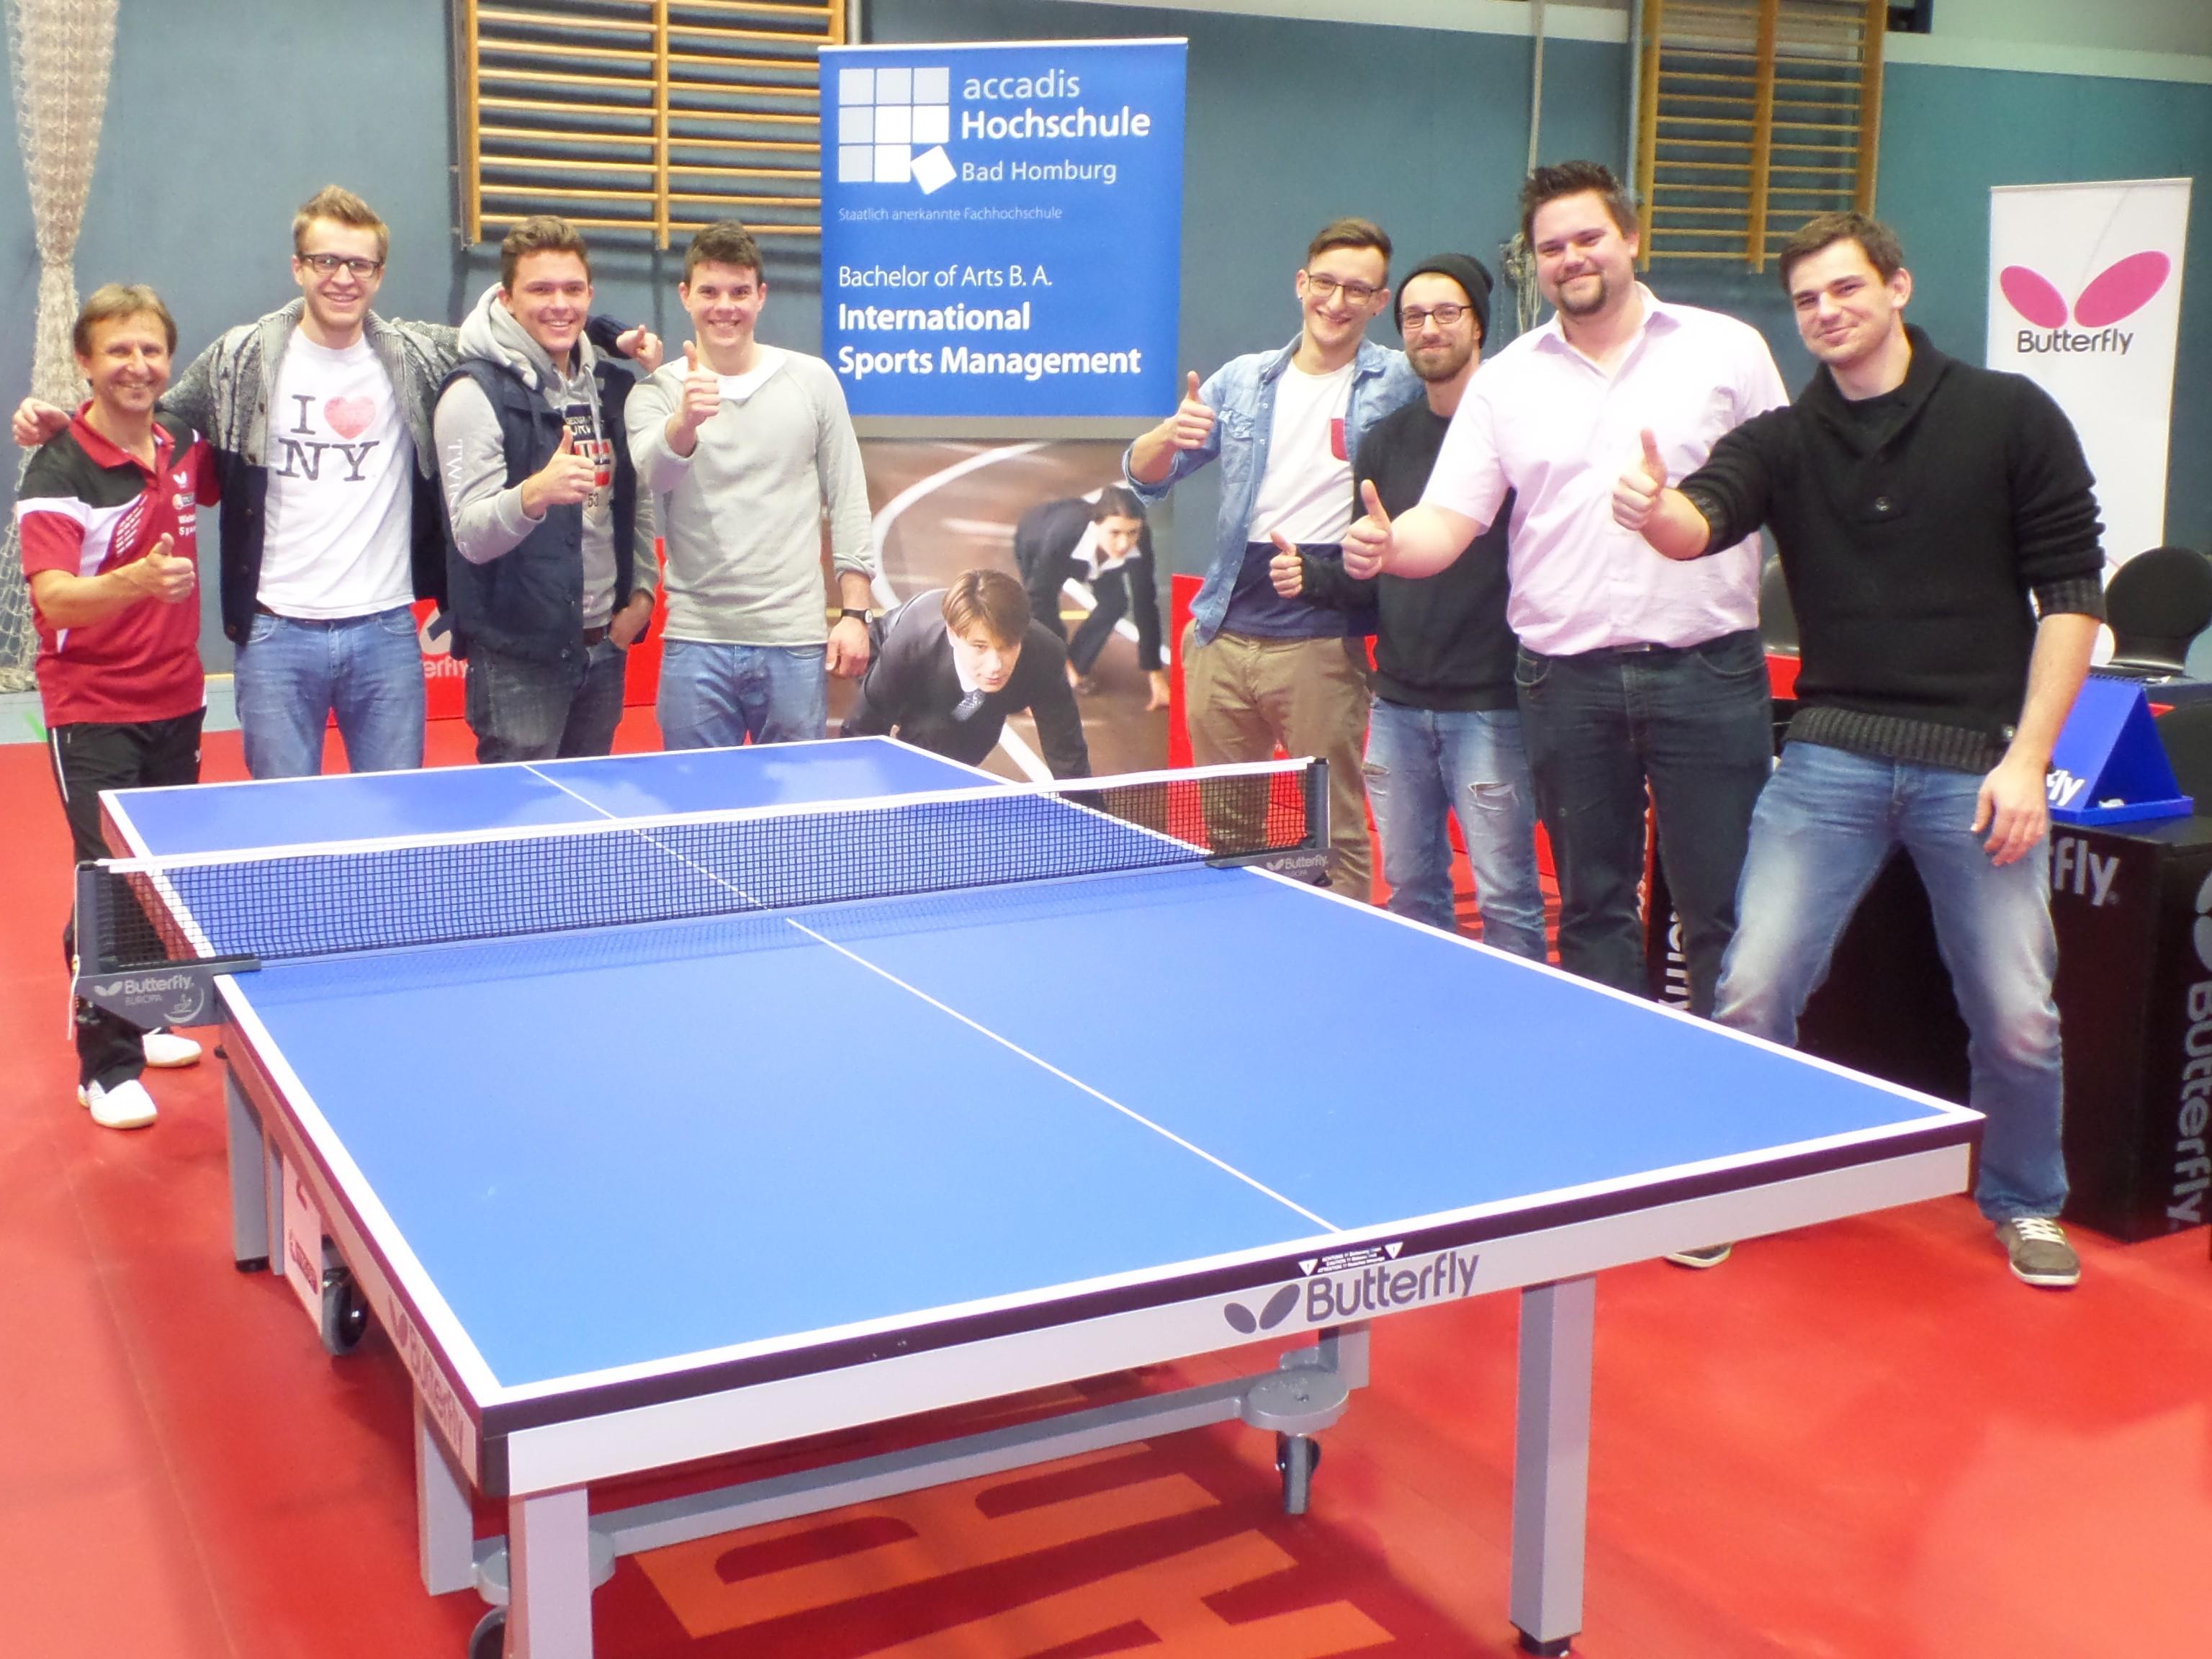 Die Studenden ISM der accadis-Hochschule beim Gruppenfoto mit Pressesprecher Wieland Speer nach dem Match